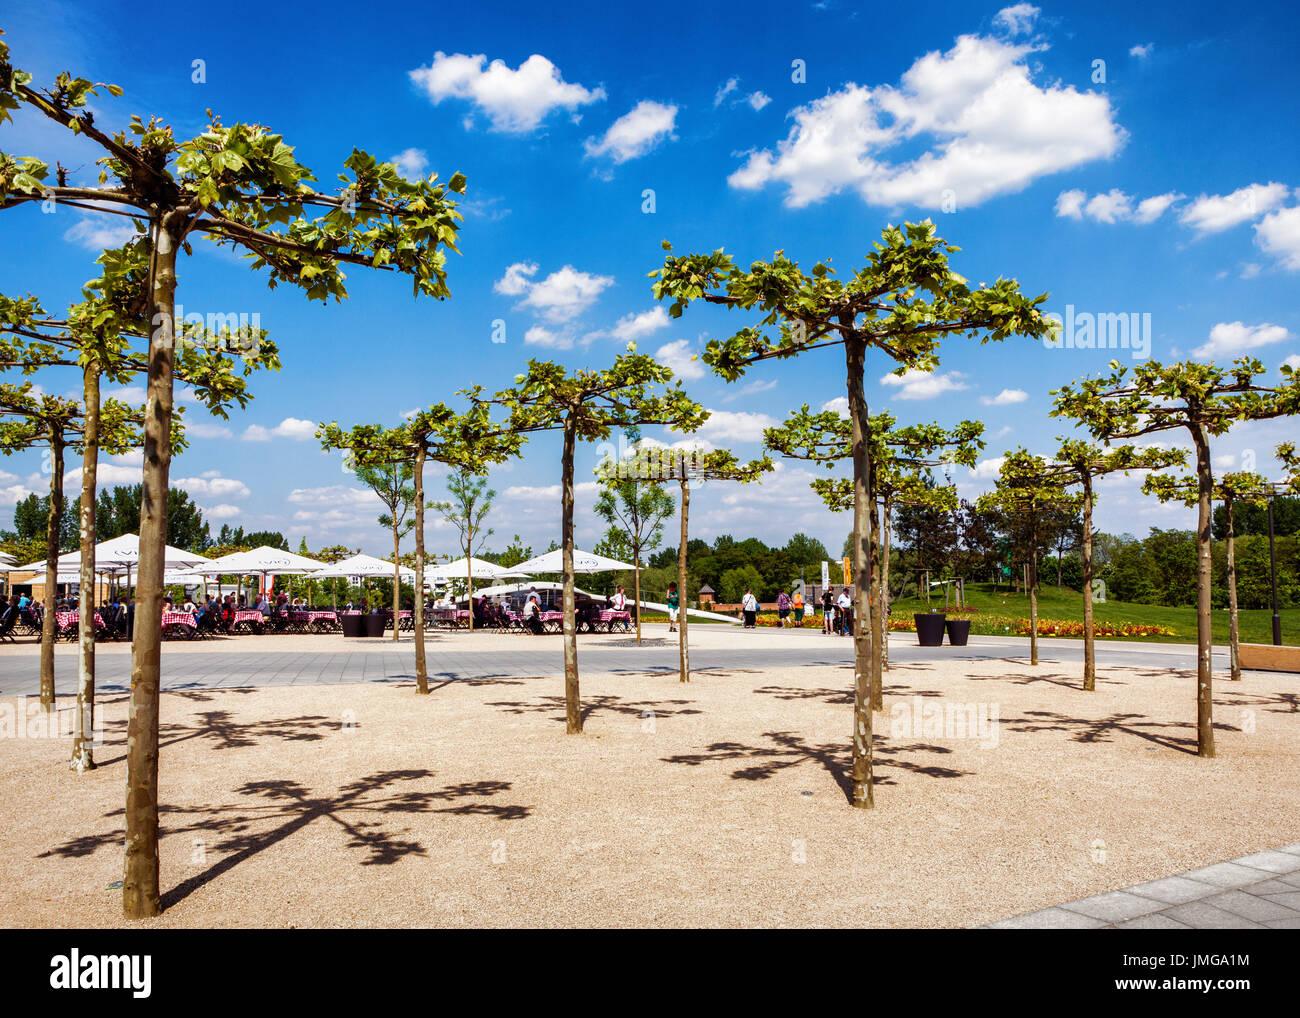 Berlin, Marzahn. Gärten der Welt Botanischer Garten, Gärten der Welt, IGA 2017 Straßencafé und Stockbild